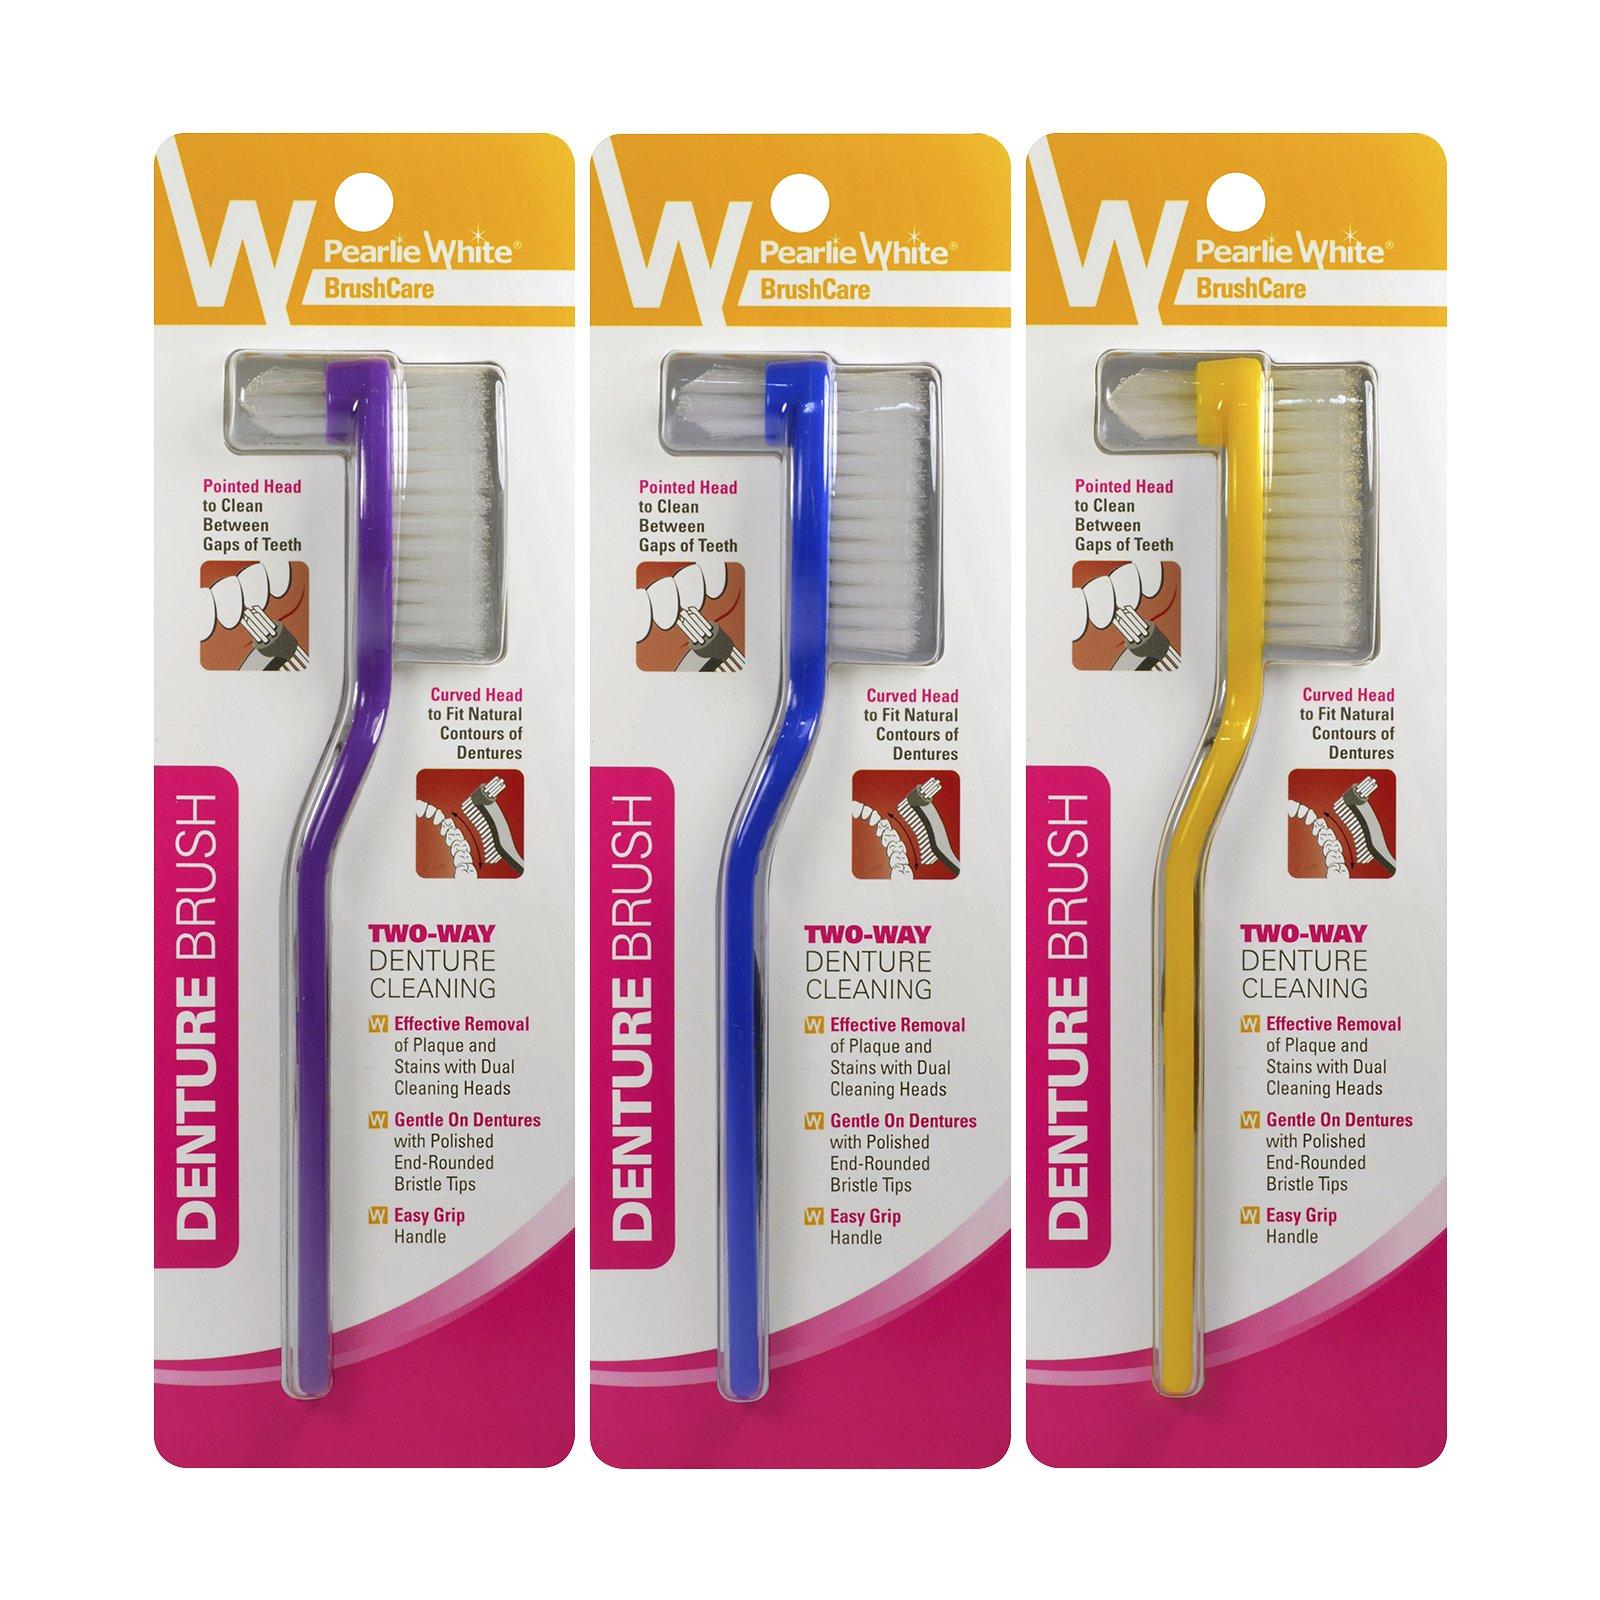 Pearlie White Denture Brush, Pack of 3